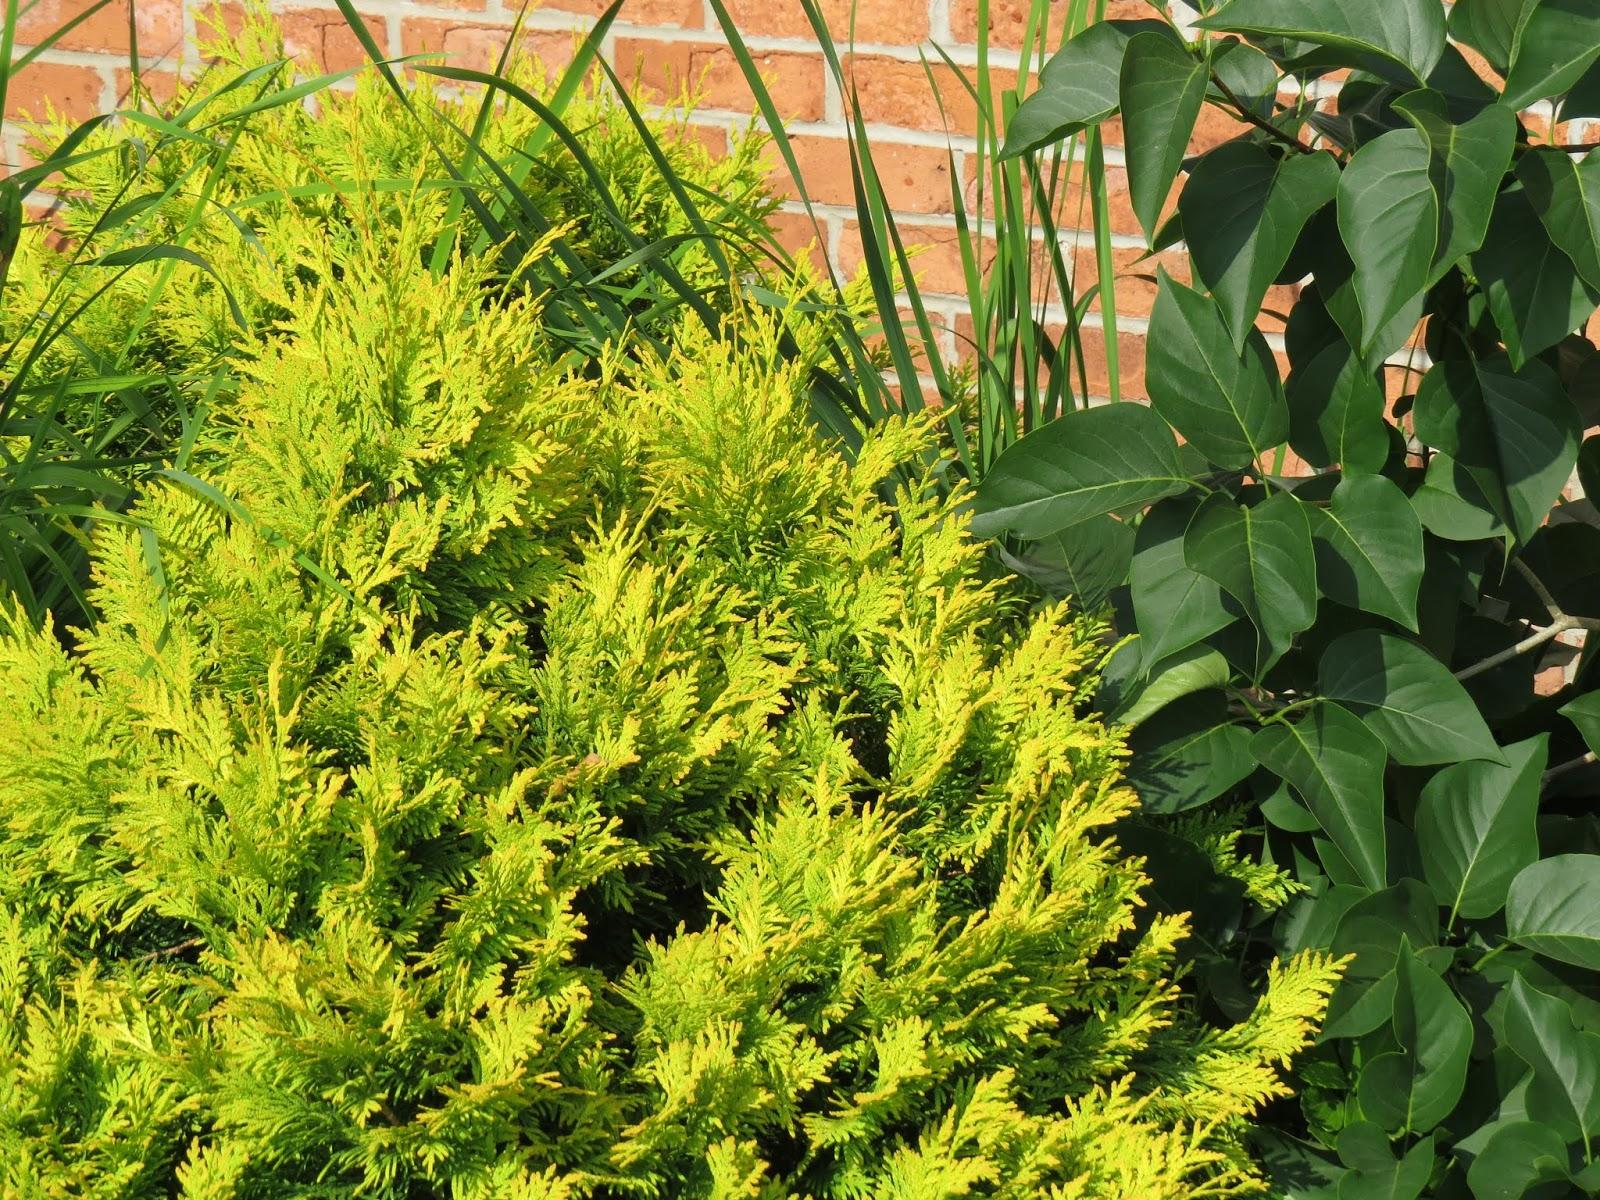 juniper with golden needles